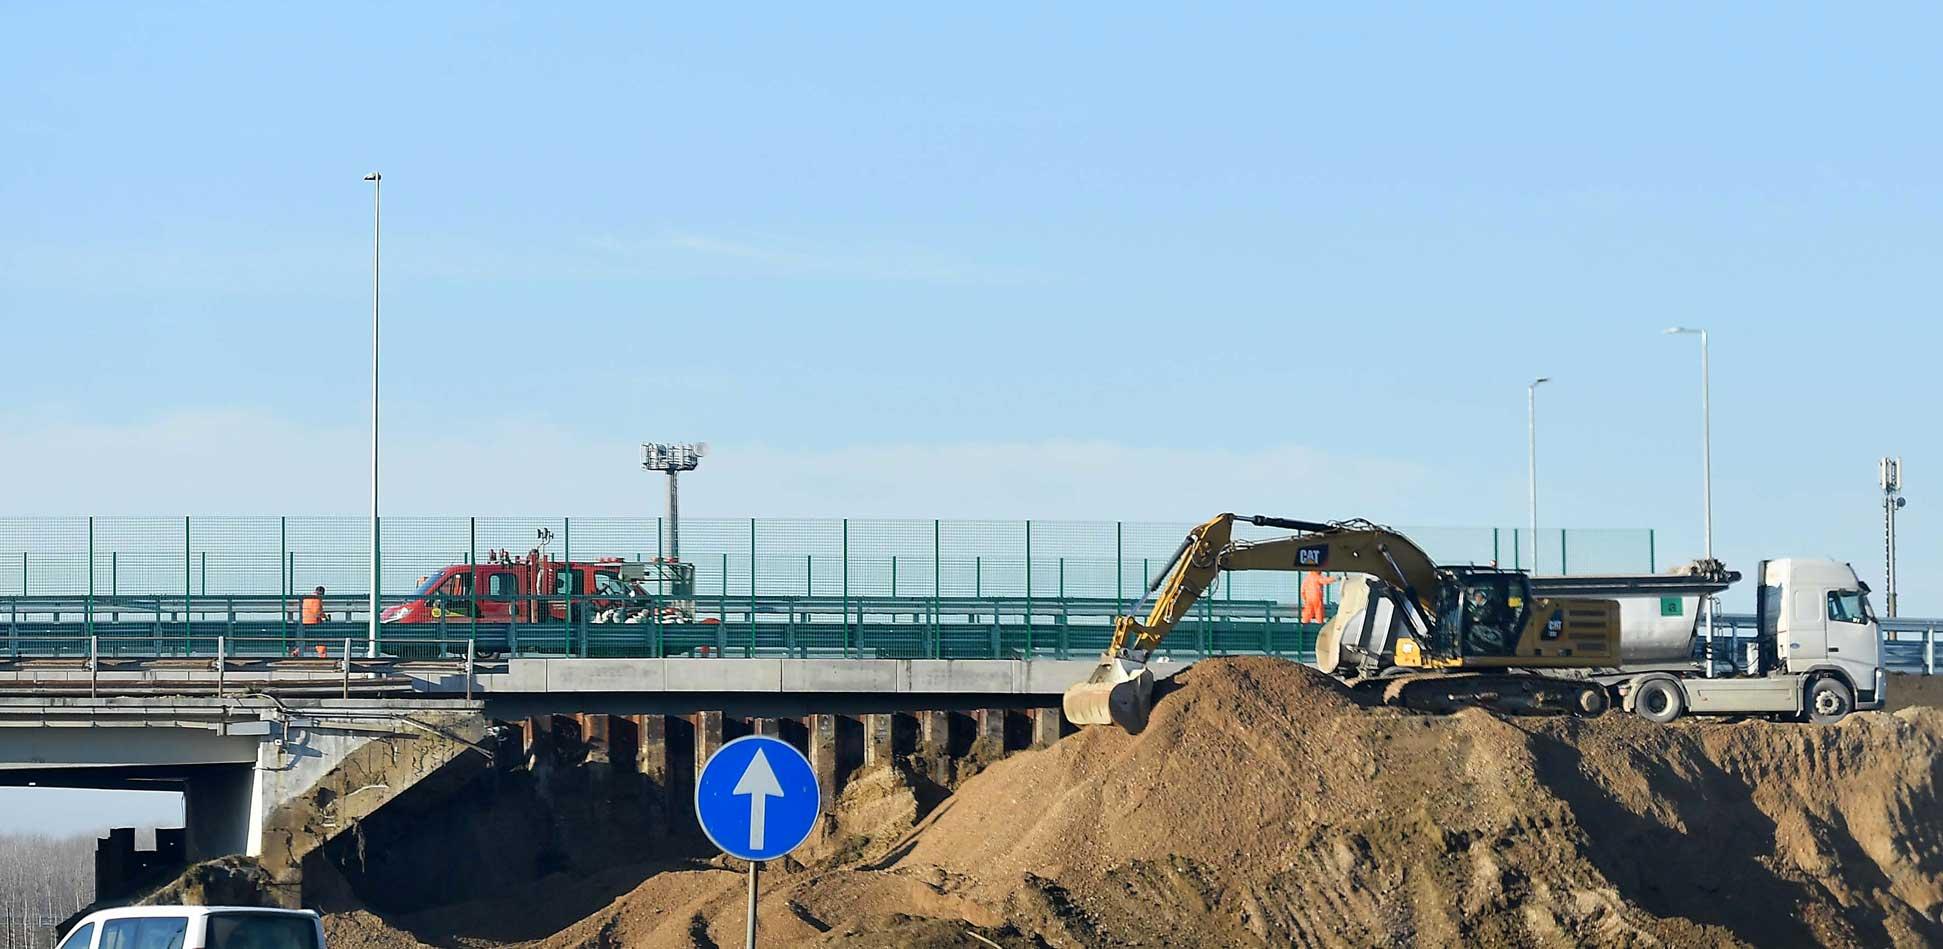 Autovie Venete lavori autostrada